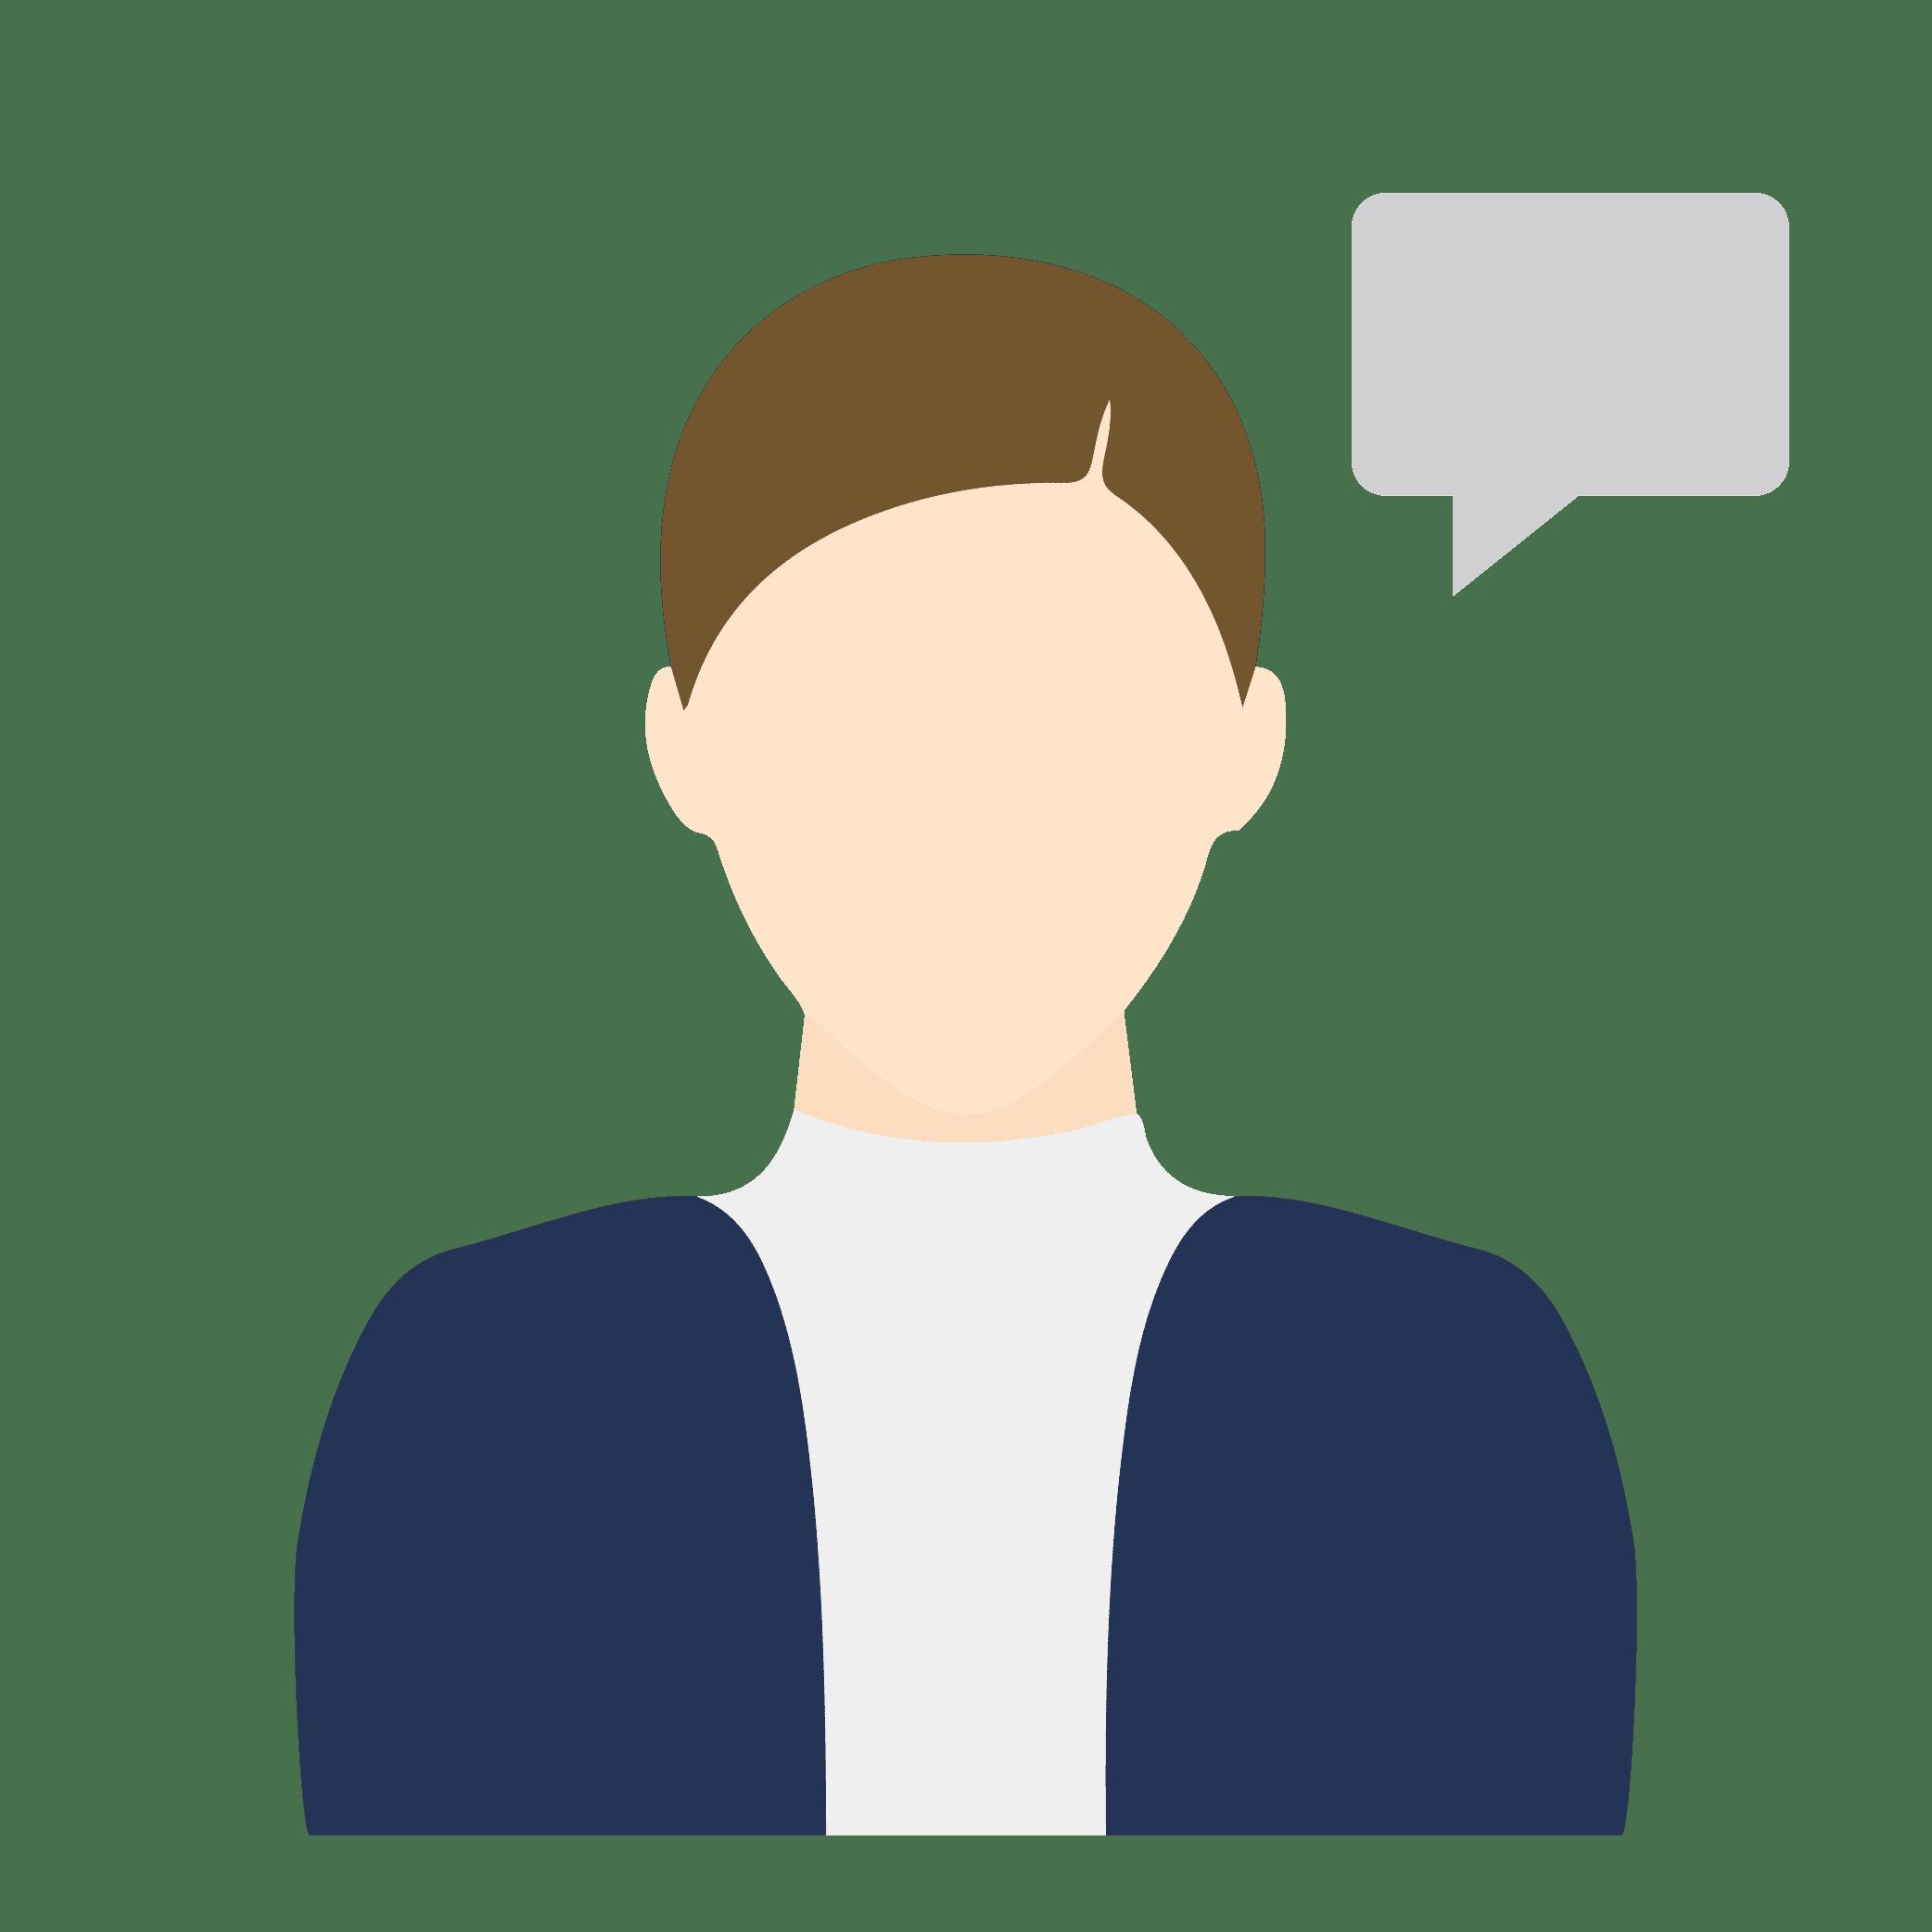 engaged employee icon